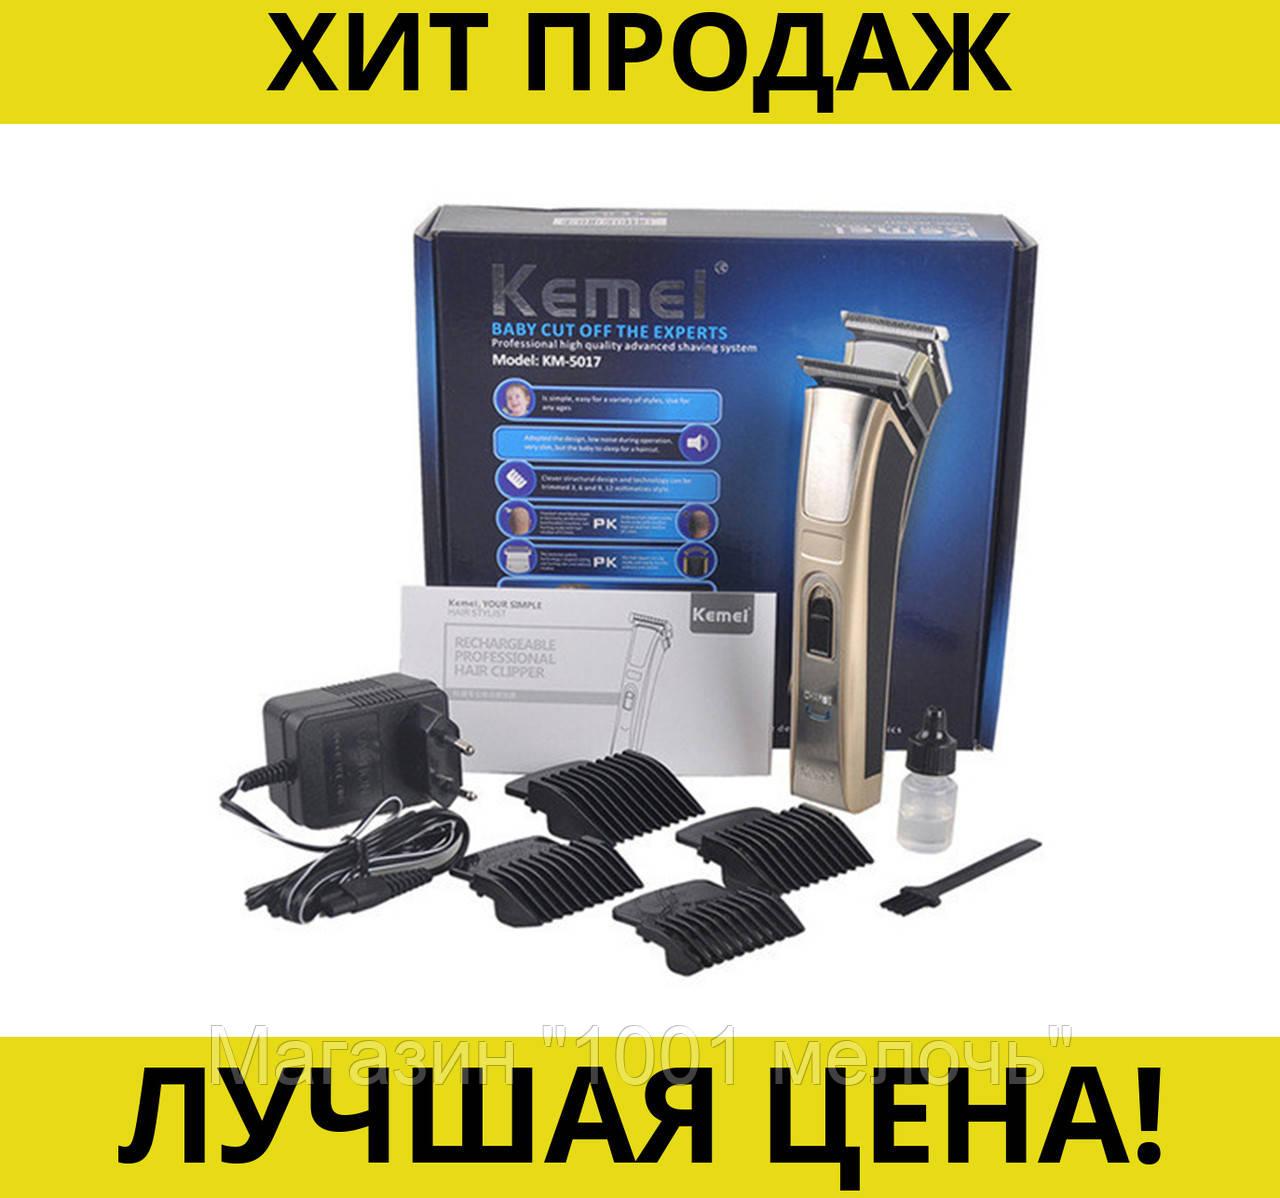 Машинка для стрижки Kemei KM 5017- Новинка